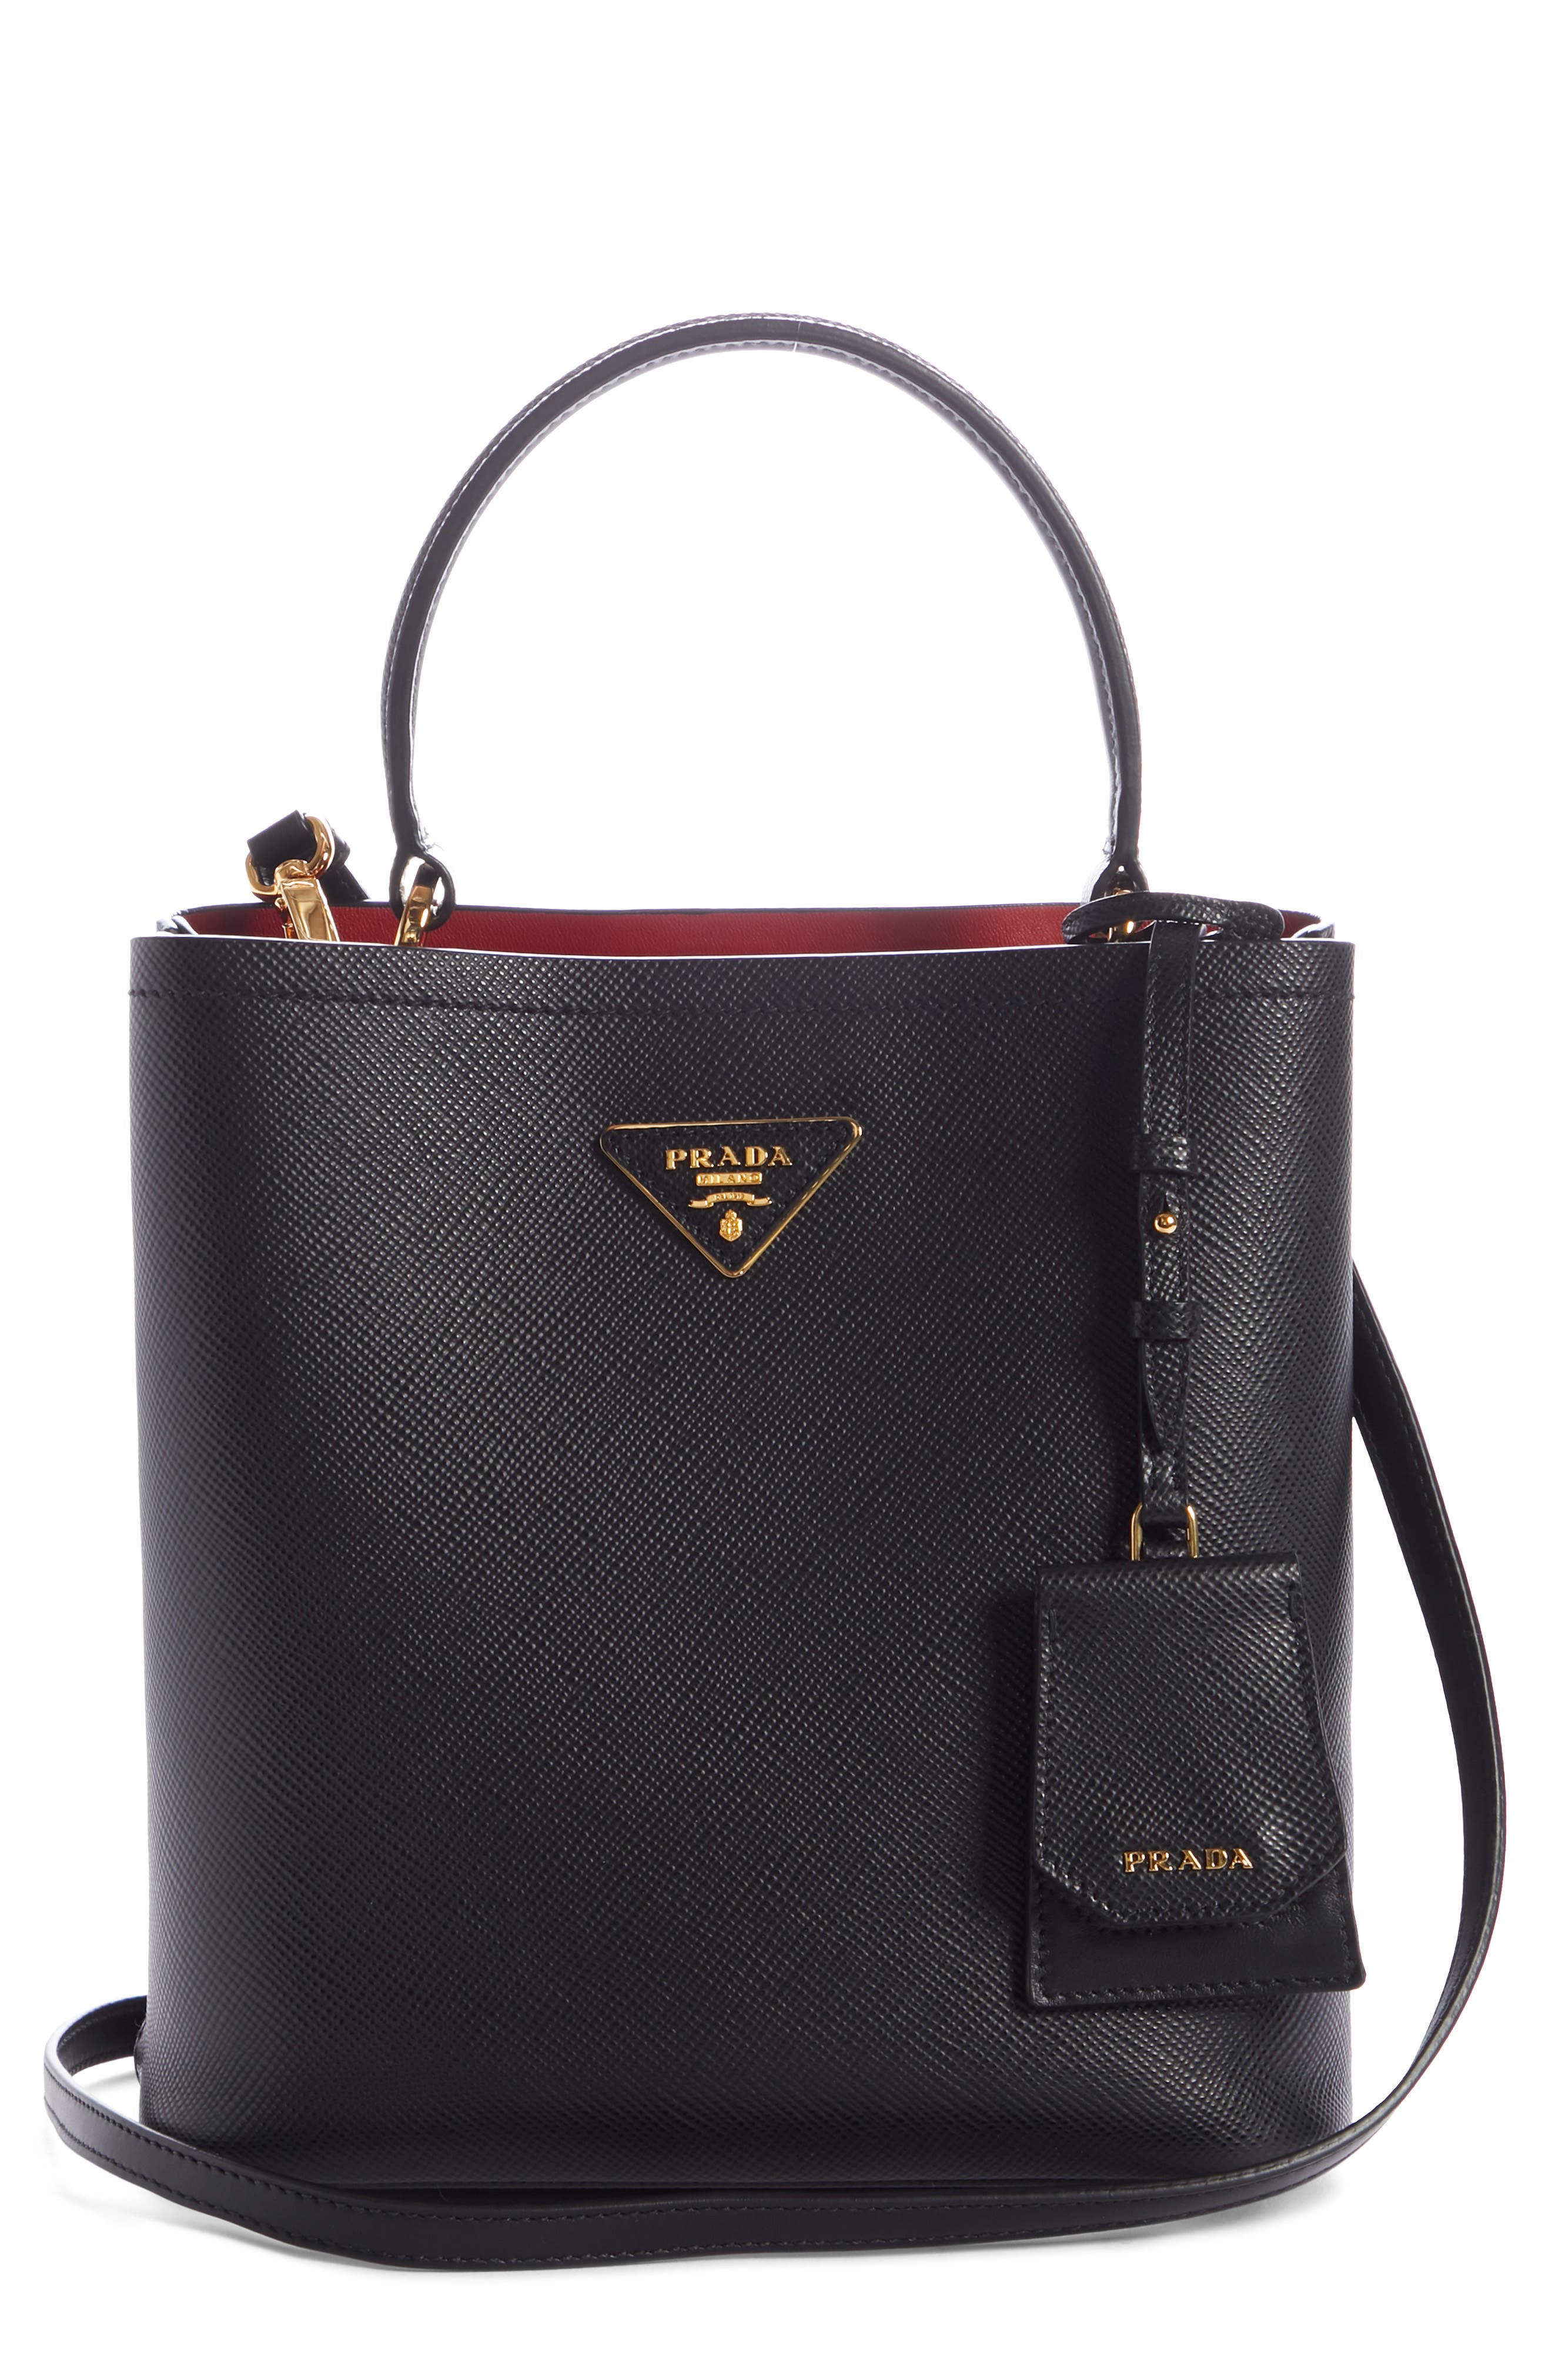 Small Saffiano Leather Bucket Bag, Main, color, NERO/ FUOCO